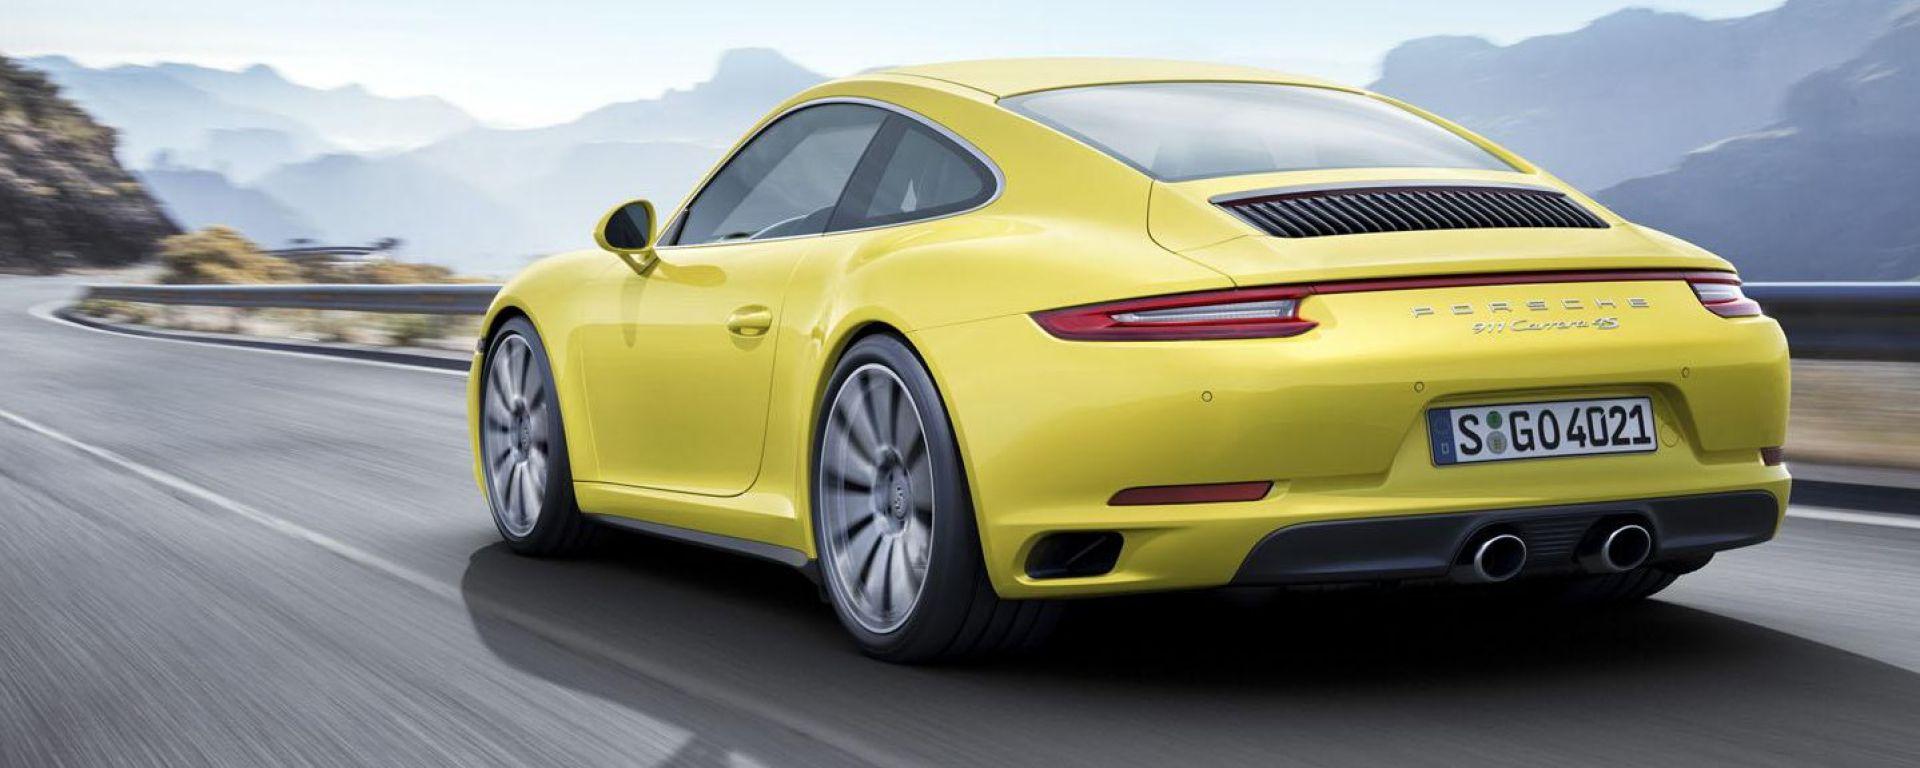 novit auto porsche 911 carrera 4 e 4s 2016 motorbox. Black Bedroom Furniture Sets. Home Design Ideas